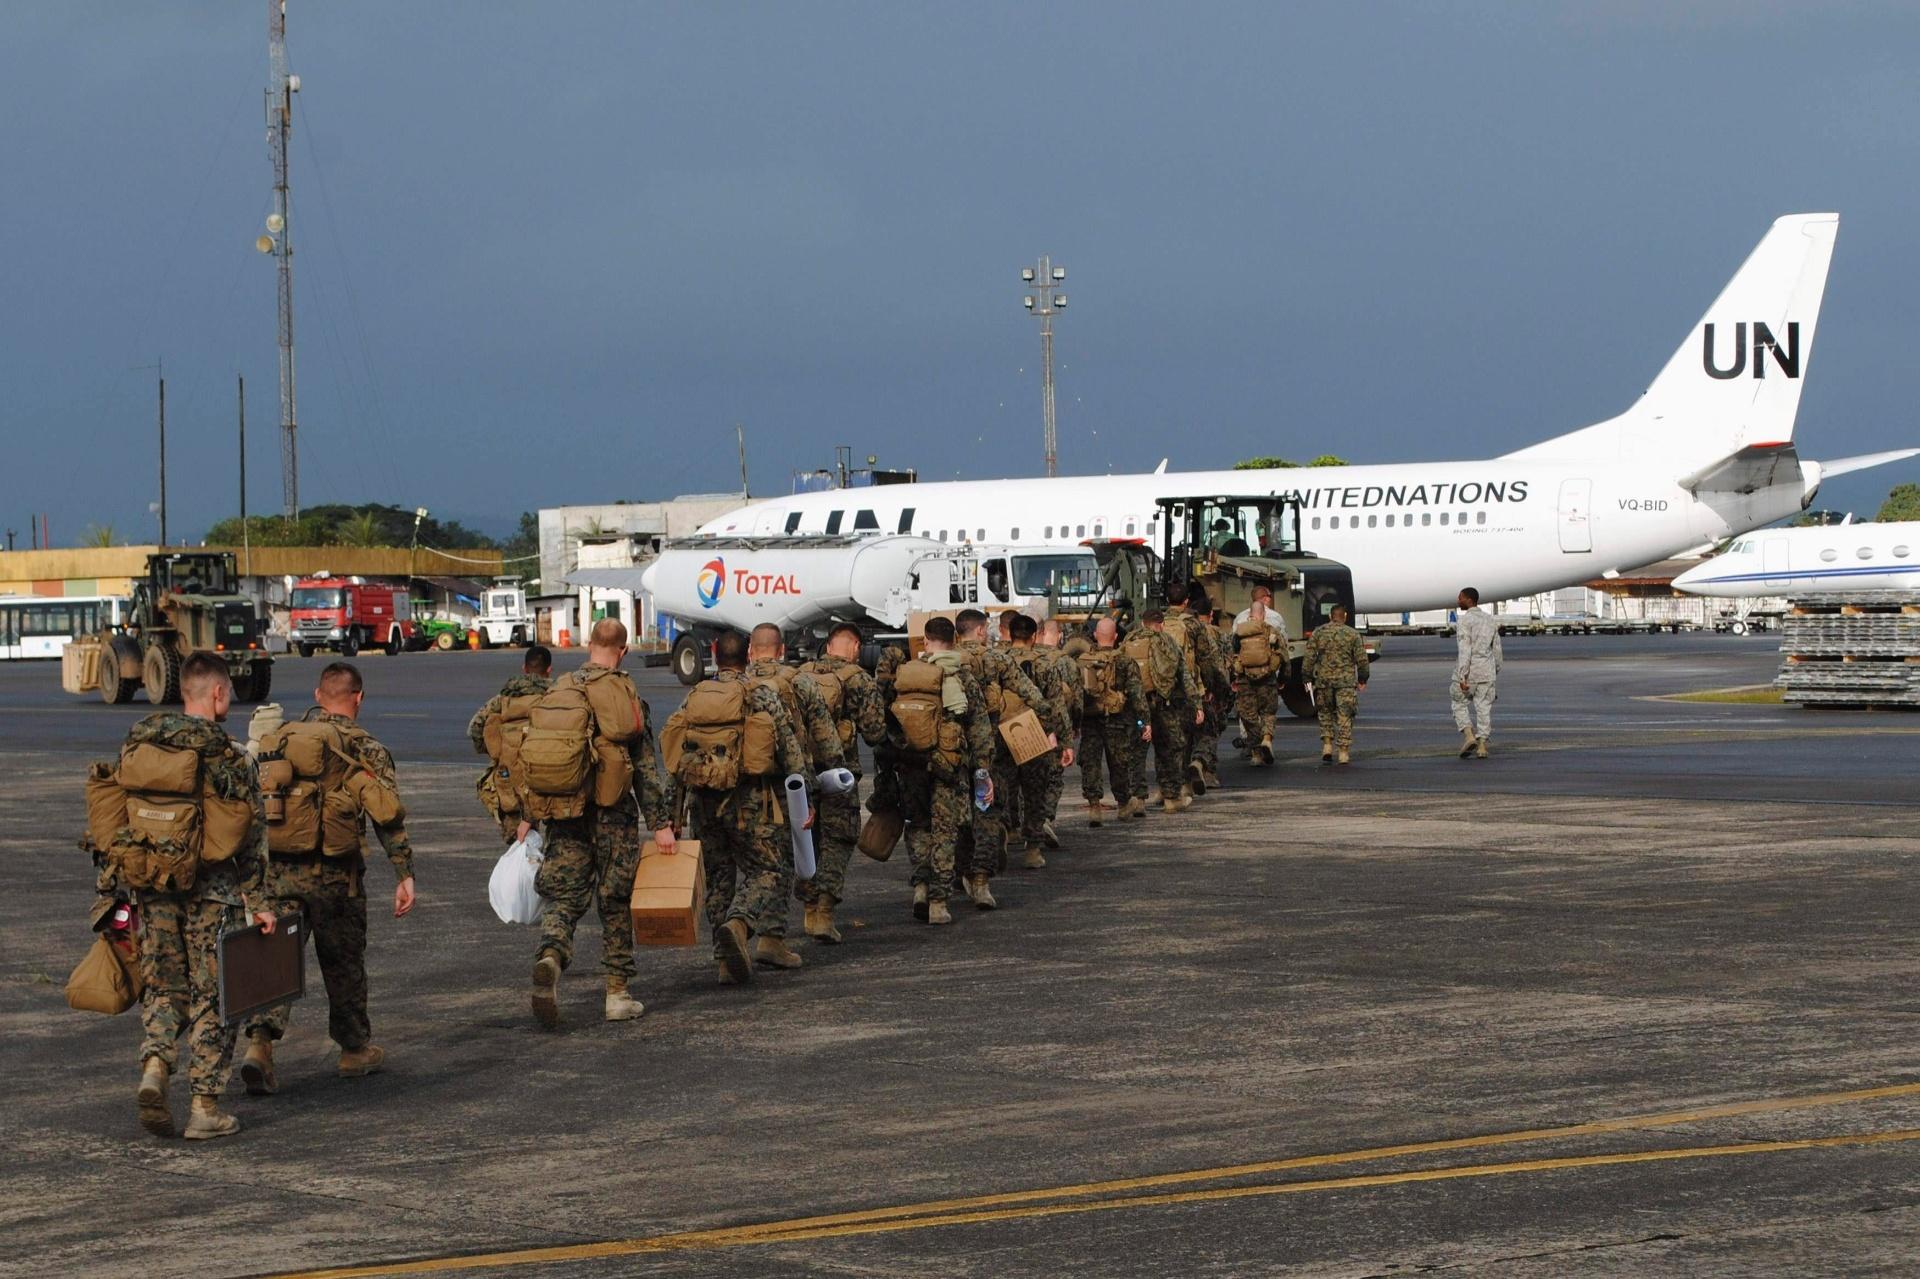 9.out.2014 - Soldados norte-americanos desembarcaram no aeroporto internacional Roberts, nos arredores de Monróvia, na Libéria. Os Estados Unidos enviaram 3 mil militares, incluindo engenheiros e equipes médicas, para o oeste da África em um novo esforço de ajuda na tentativa de conter a transmissão do vírus ebola na região